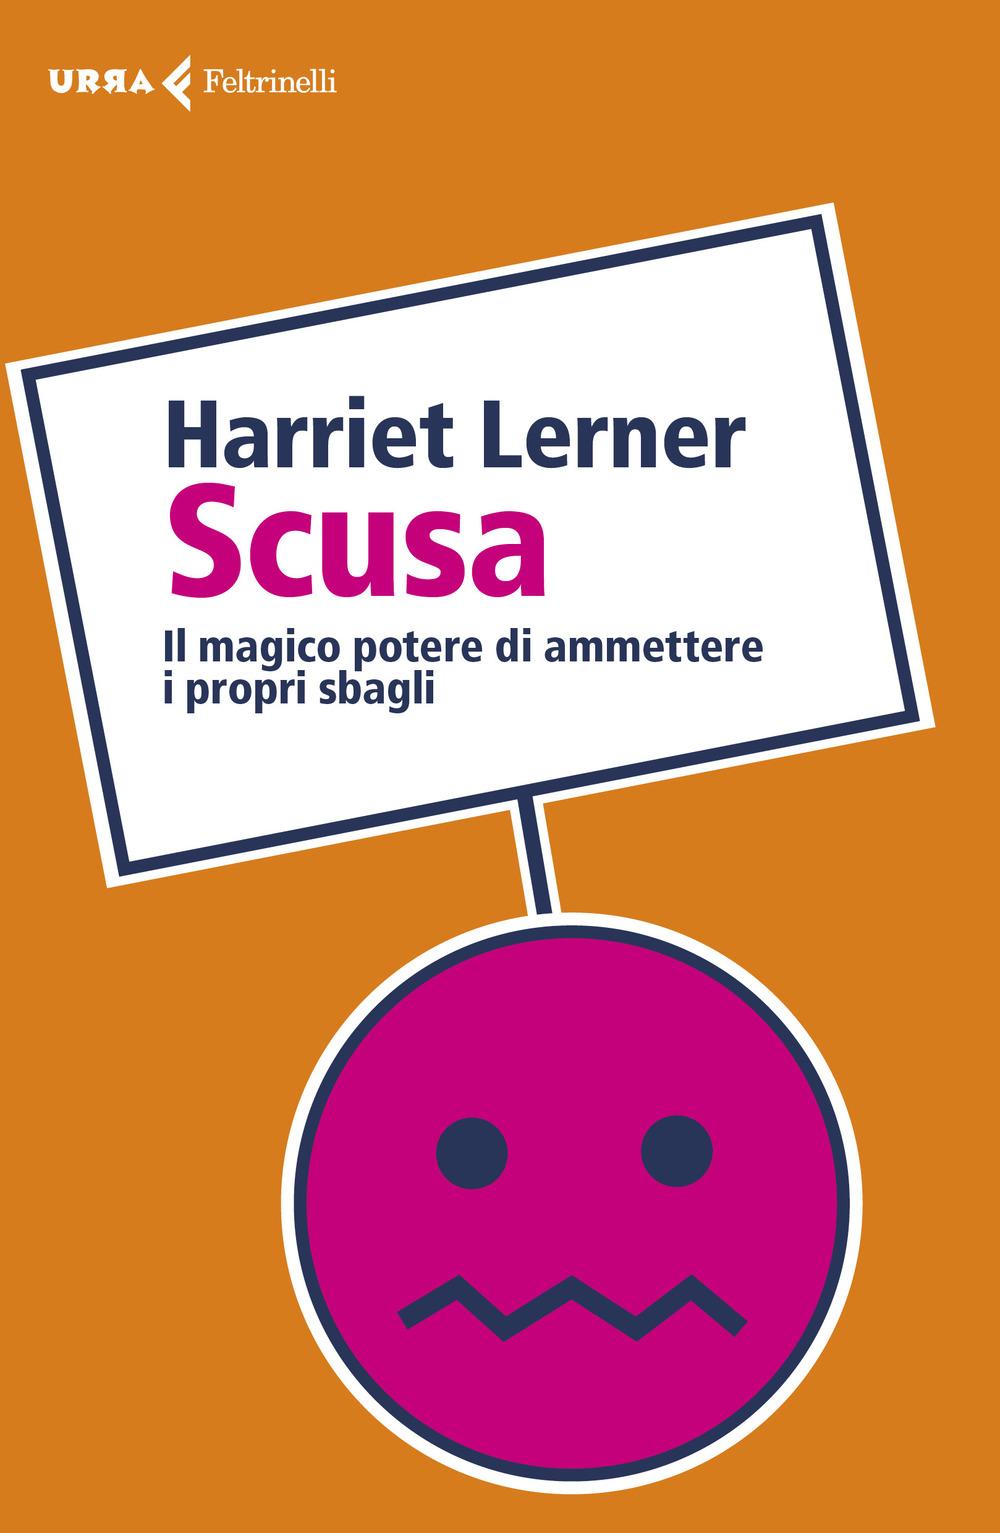 SCUSA. IL MAGICO POTERE DI AMMETTERE I PROPRI SBAGLI - 9788807091124